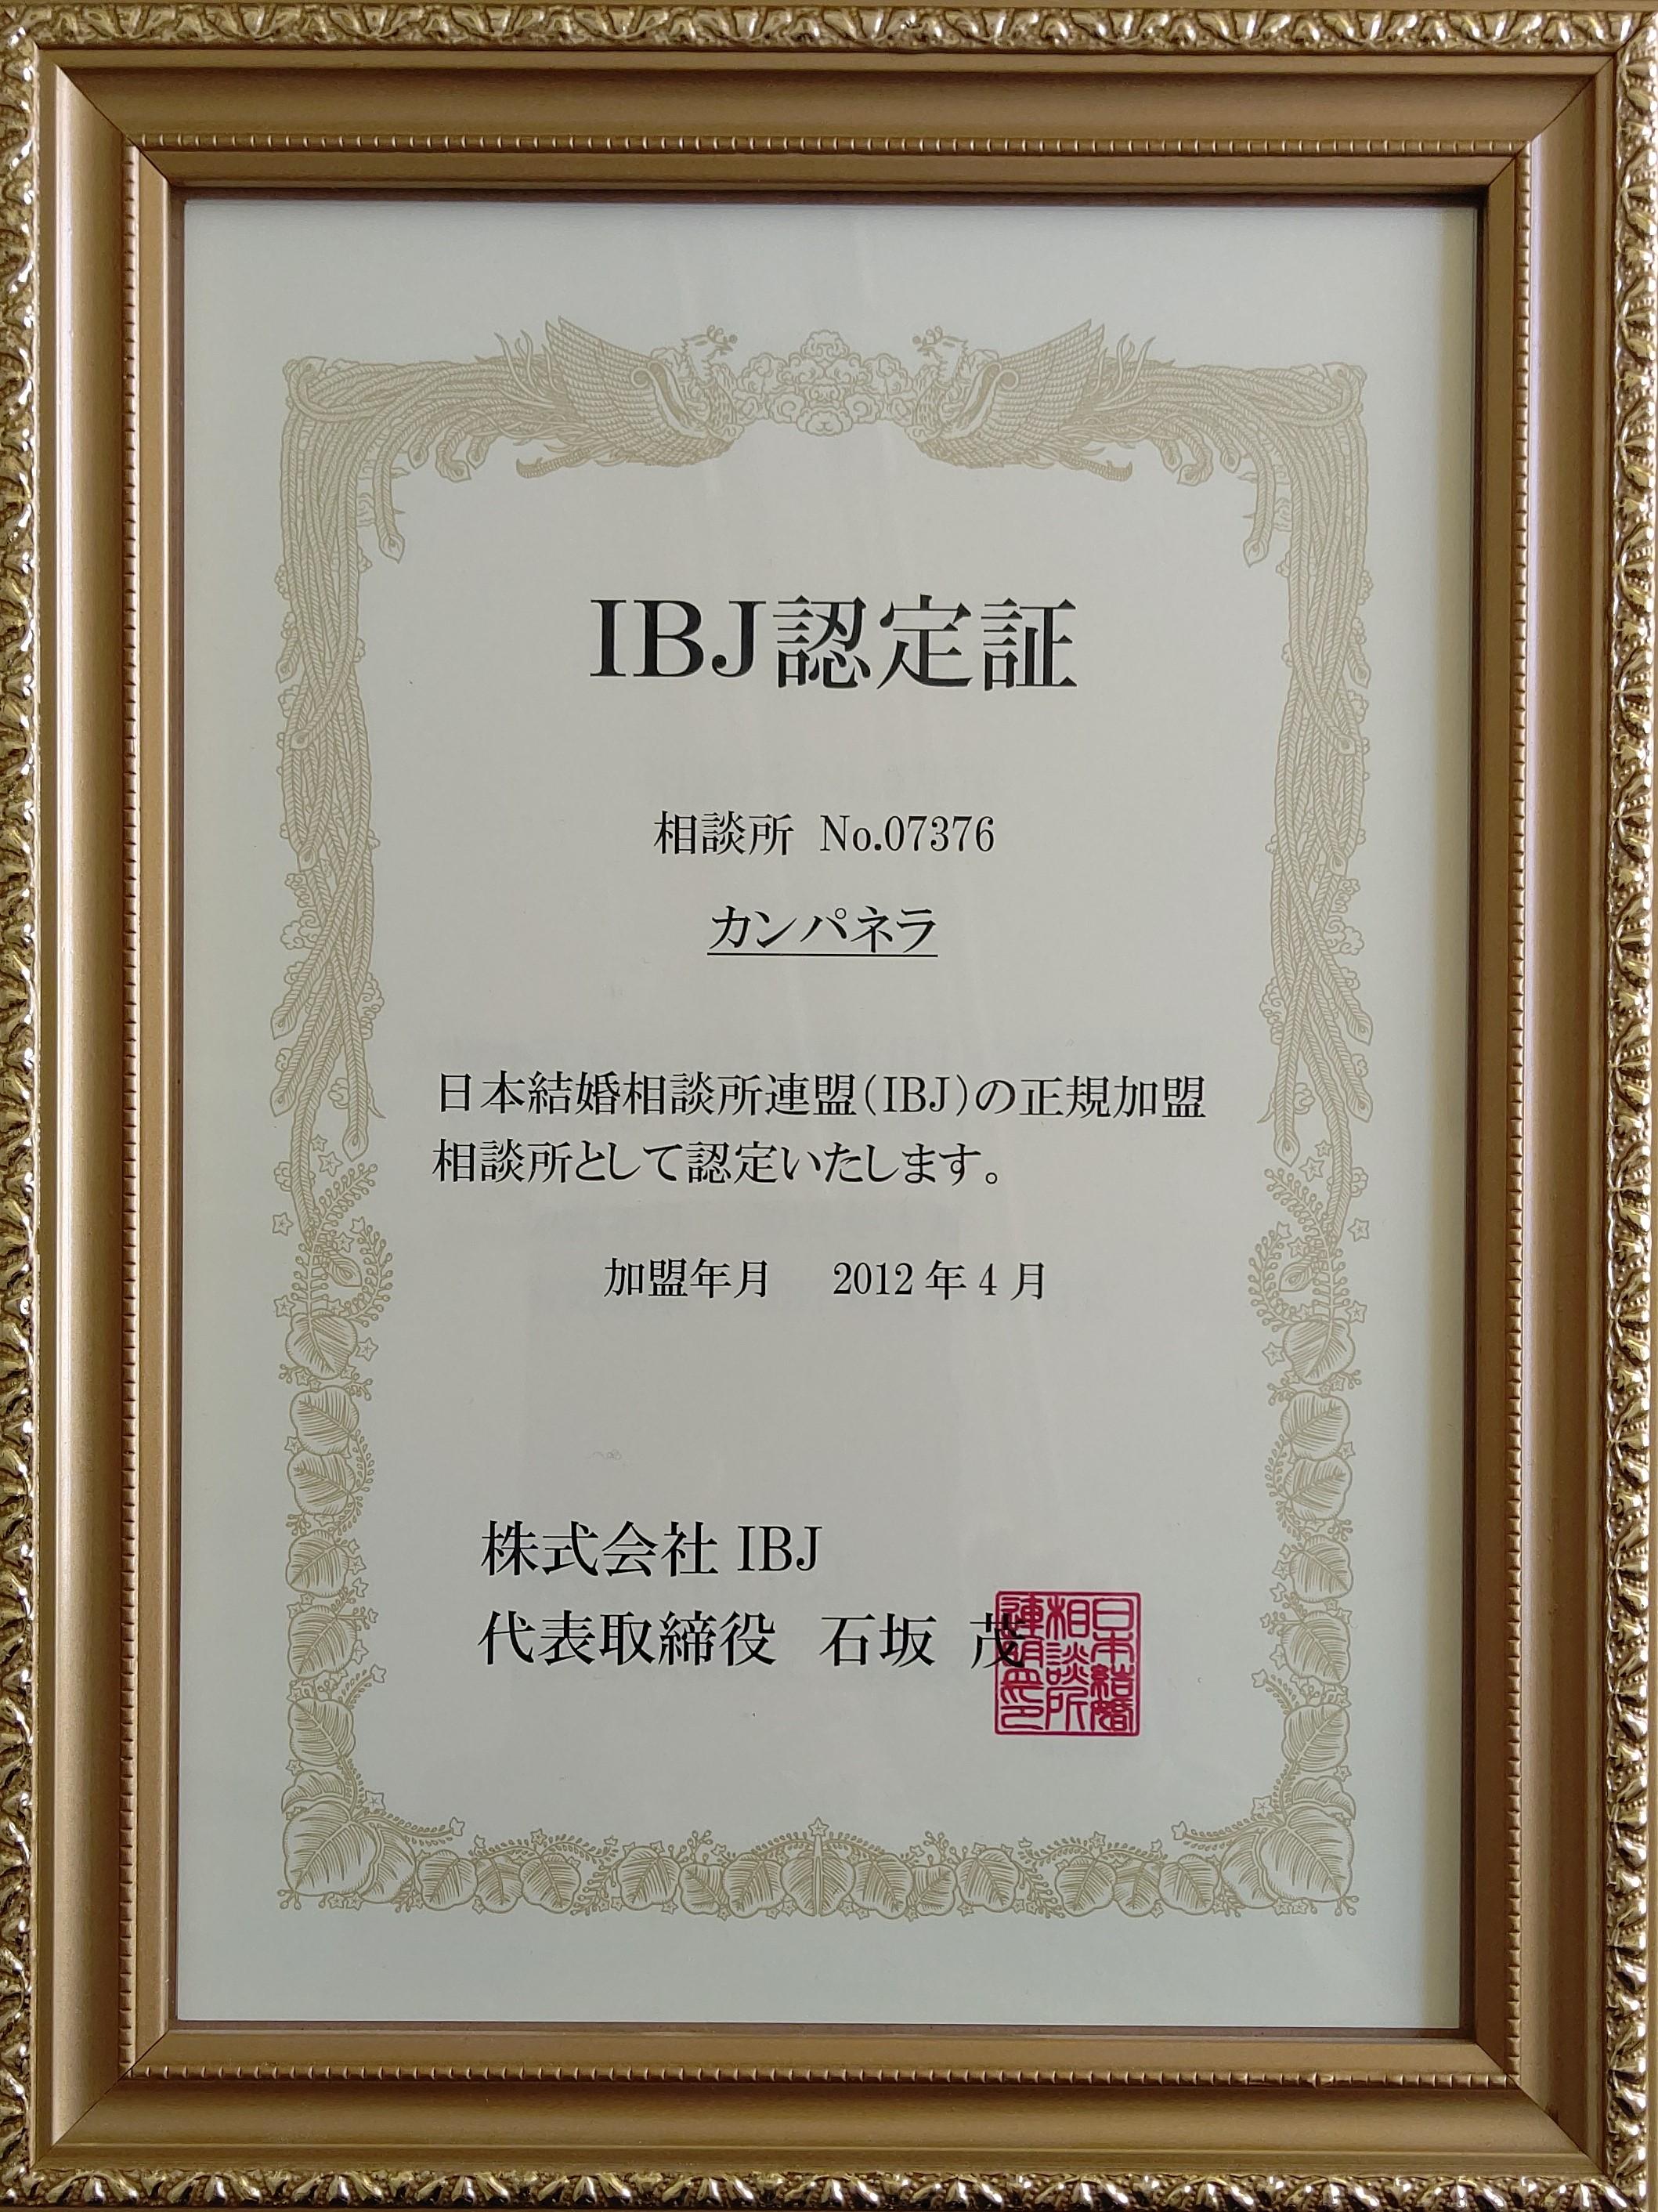 IBJ認定証 カンパネラ 松山友佳子